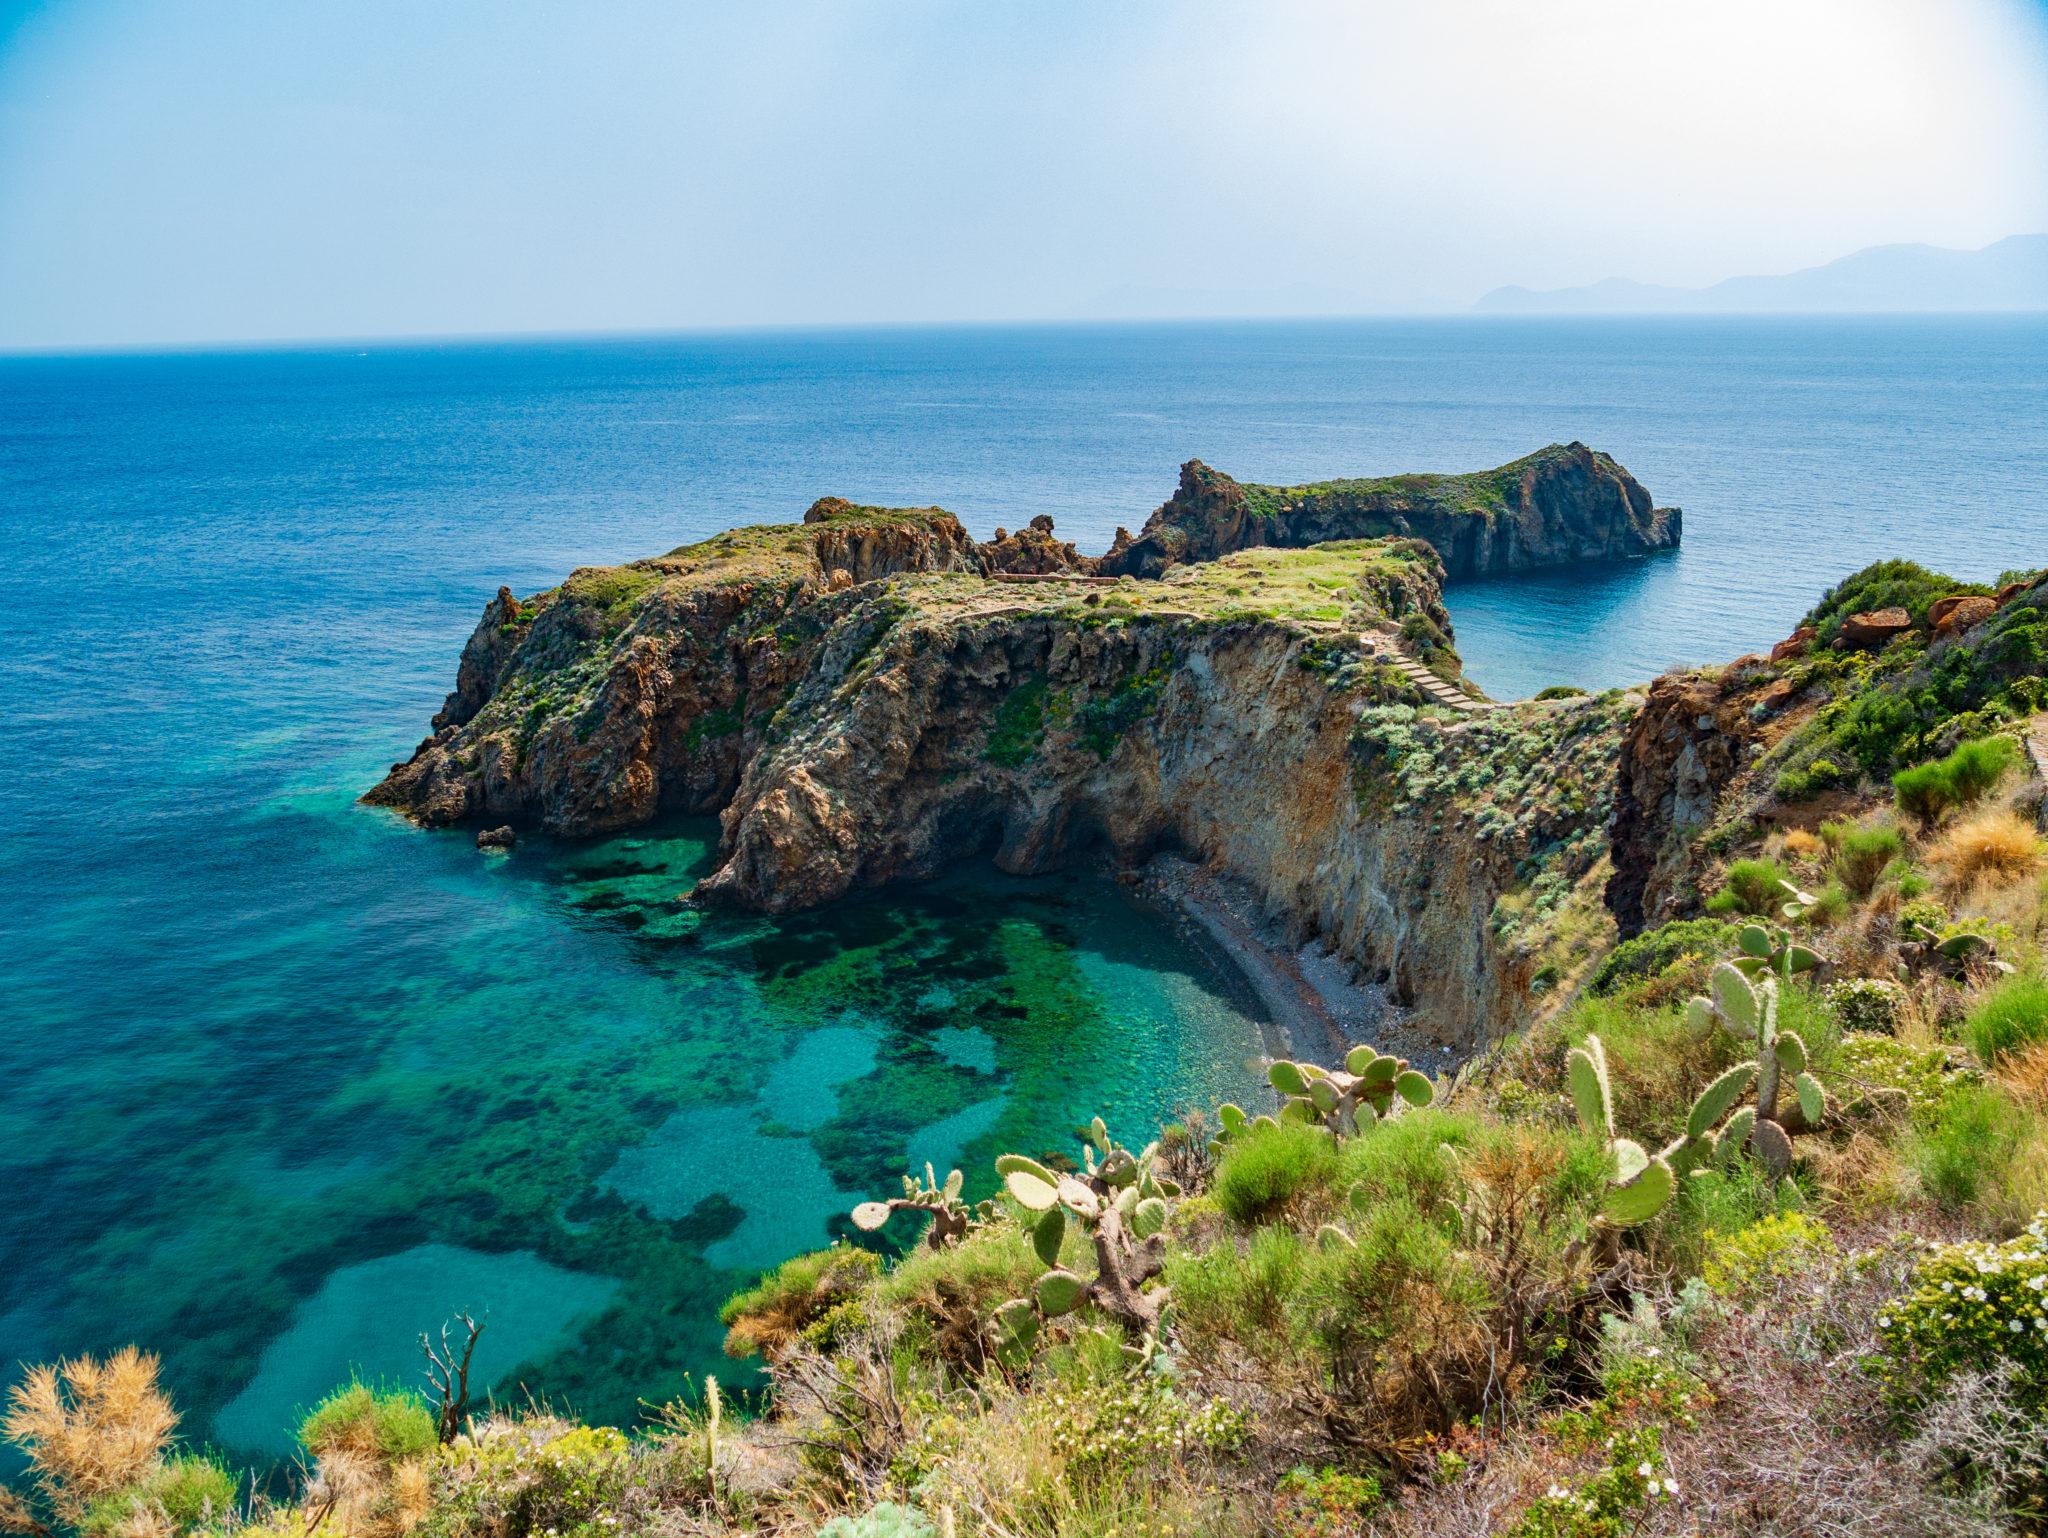 1 semaine dans la partie Est de la Sicile : top 7 des lieux à voir